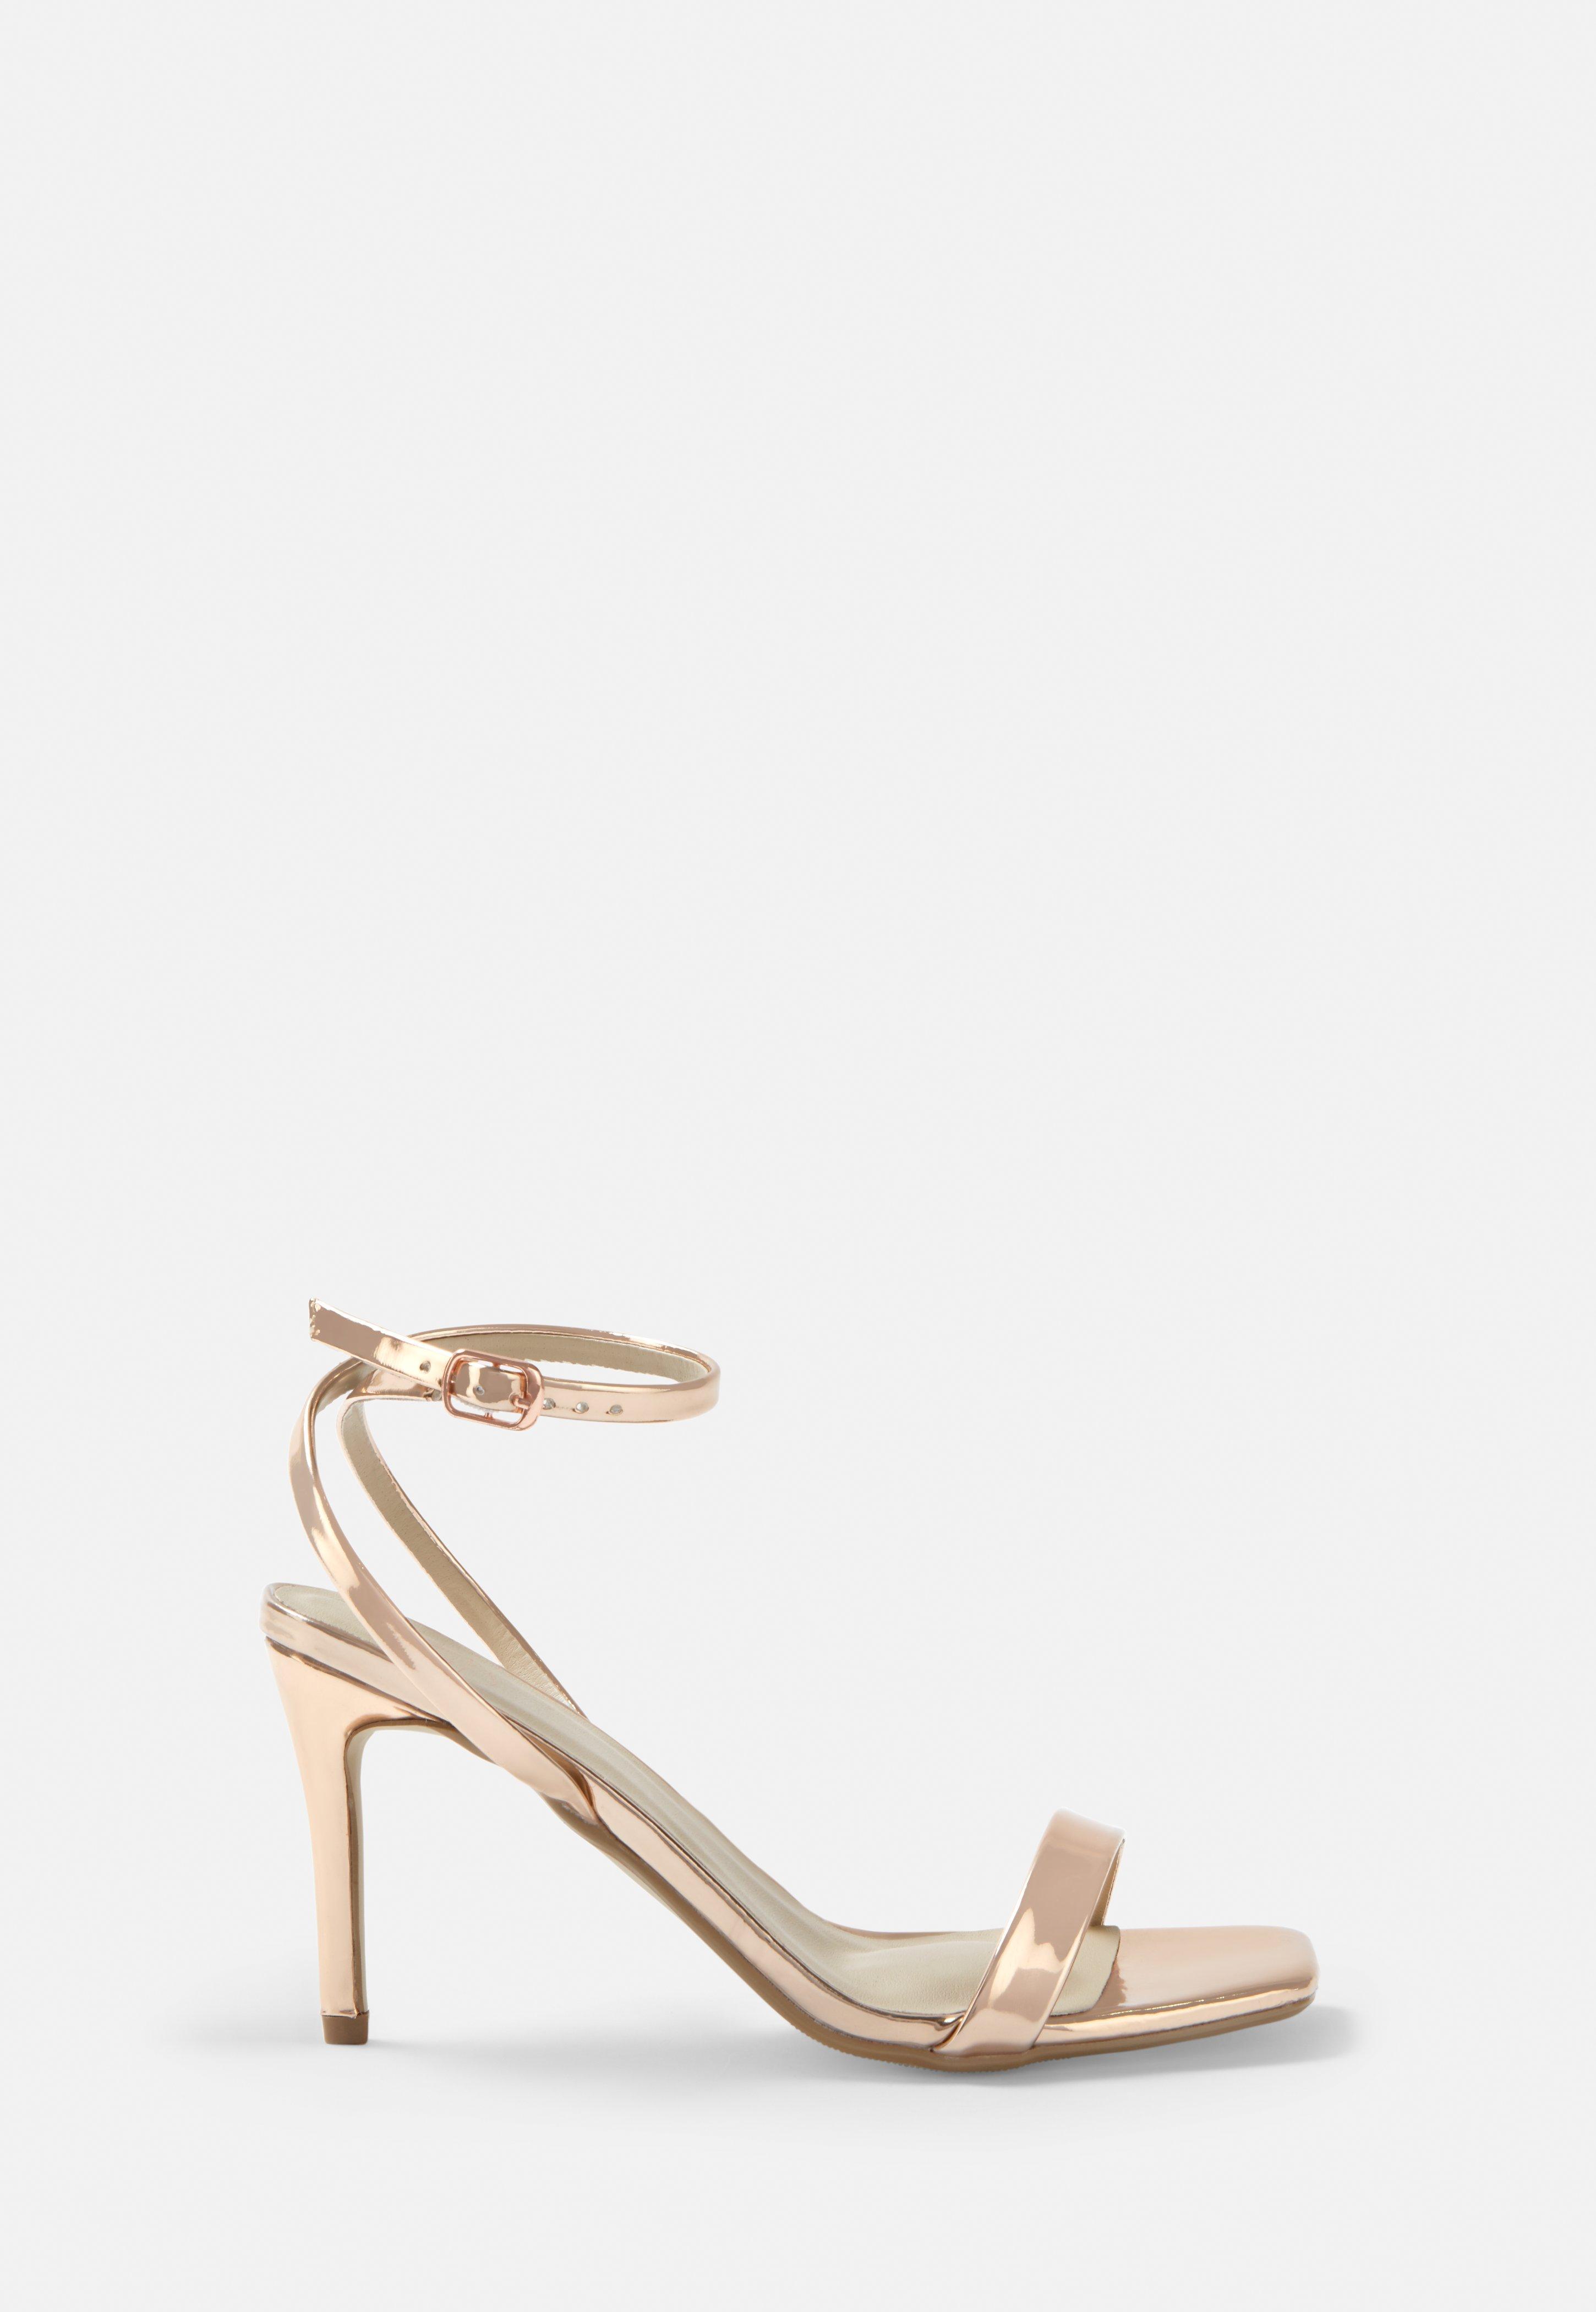 Gold Low Heels